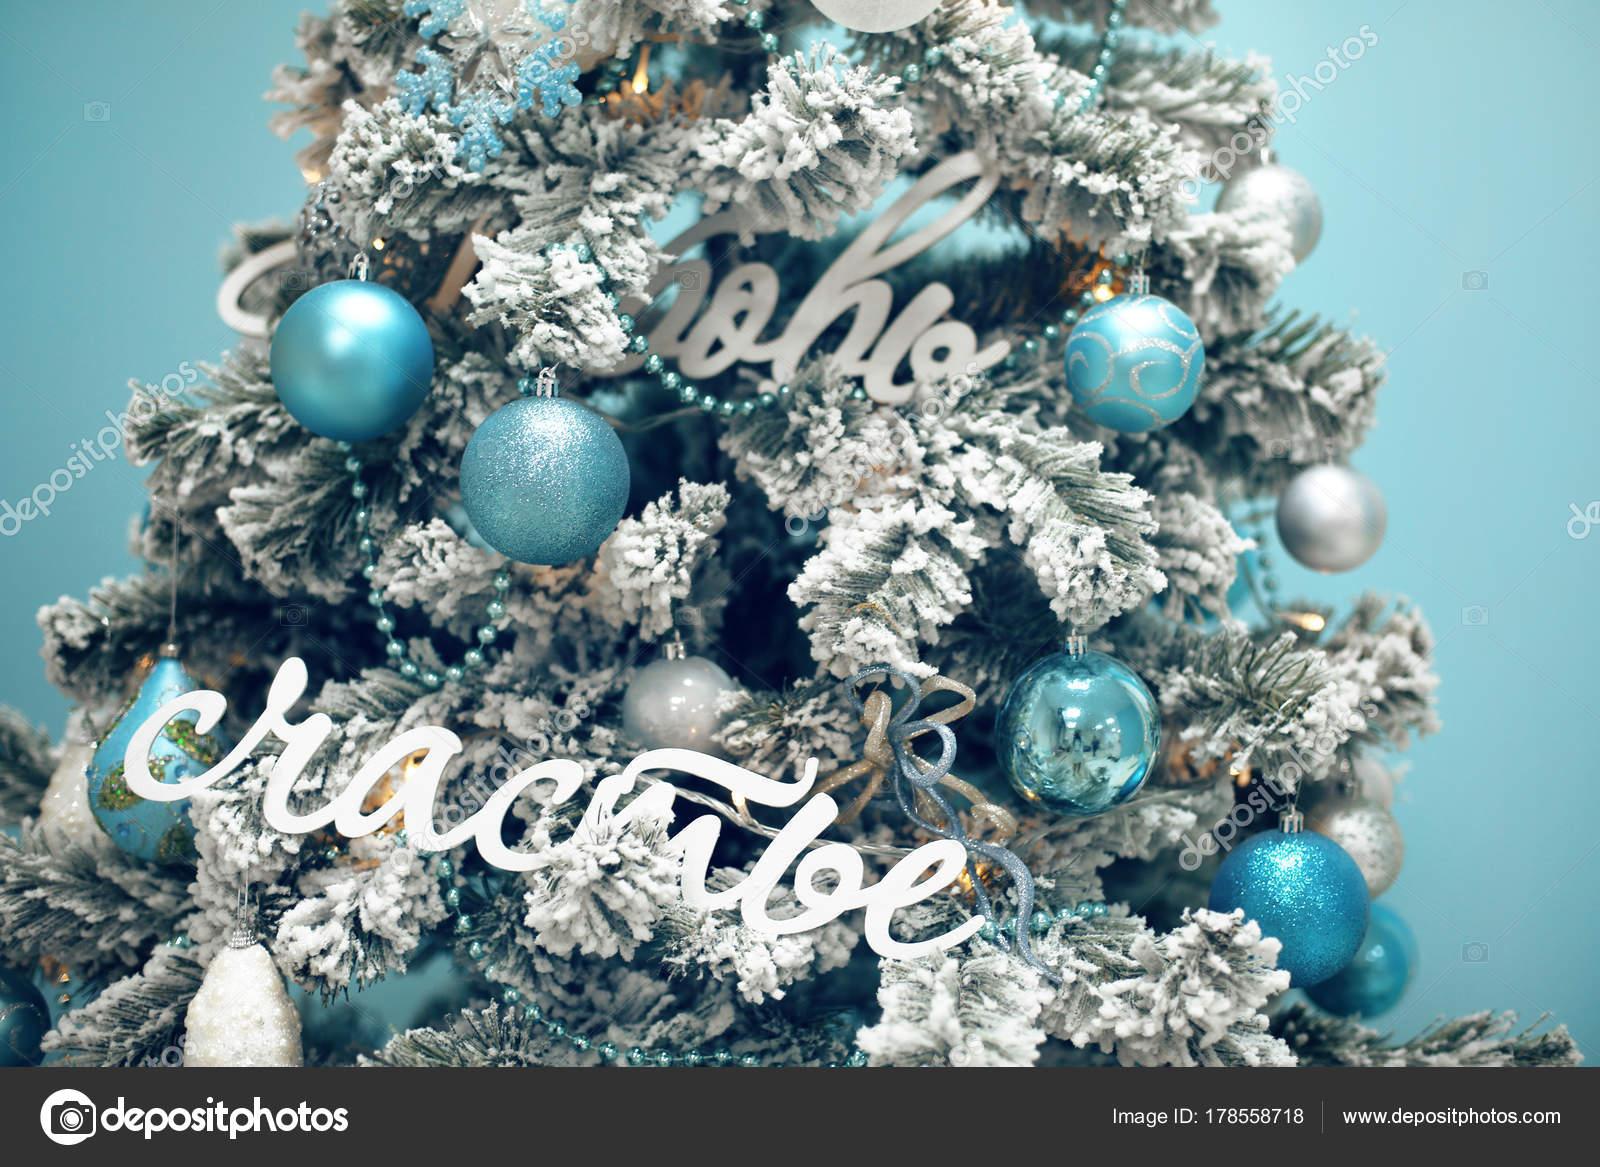 Decorazioni Albero Di Natale Blu : Albero di natale nevoso con decorazione regali blu isolato su turq